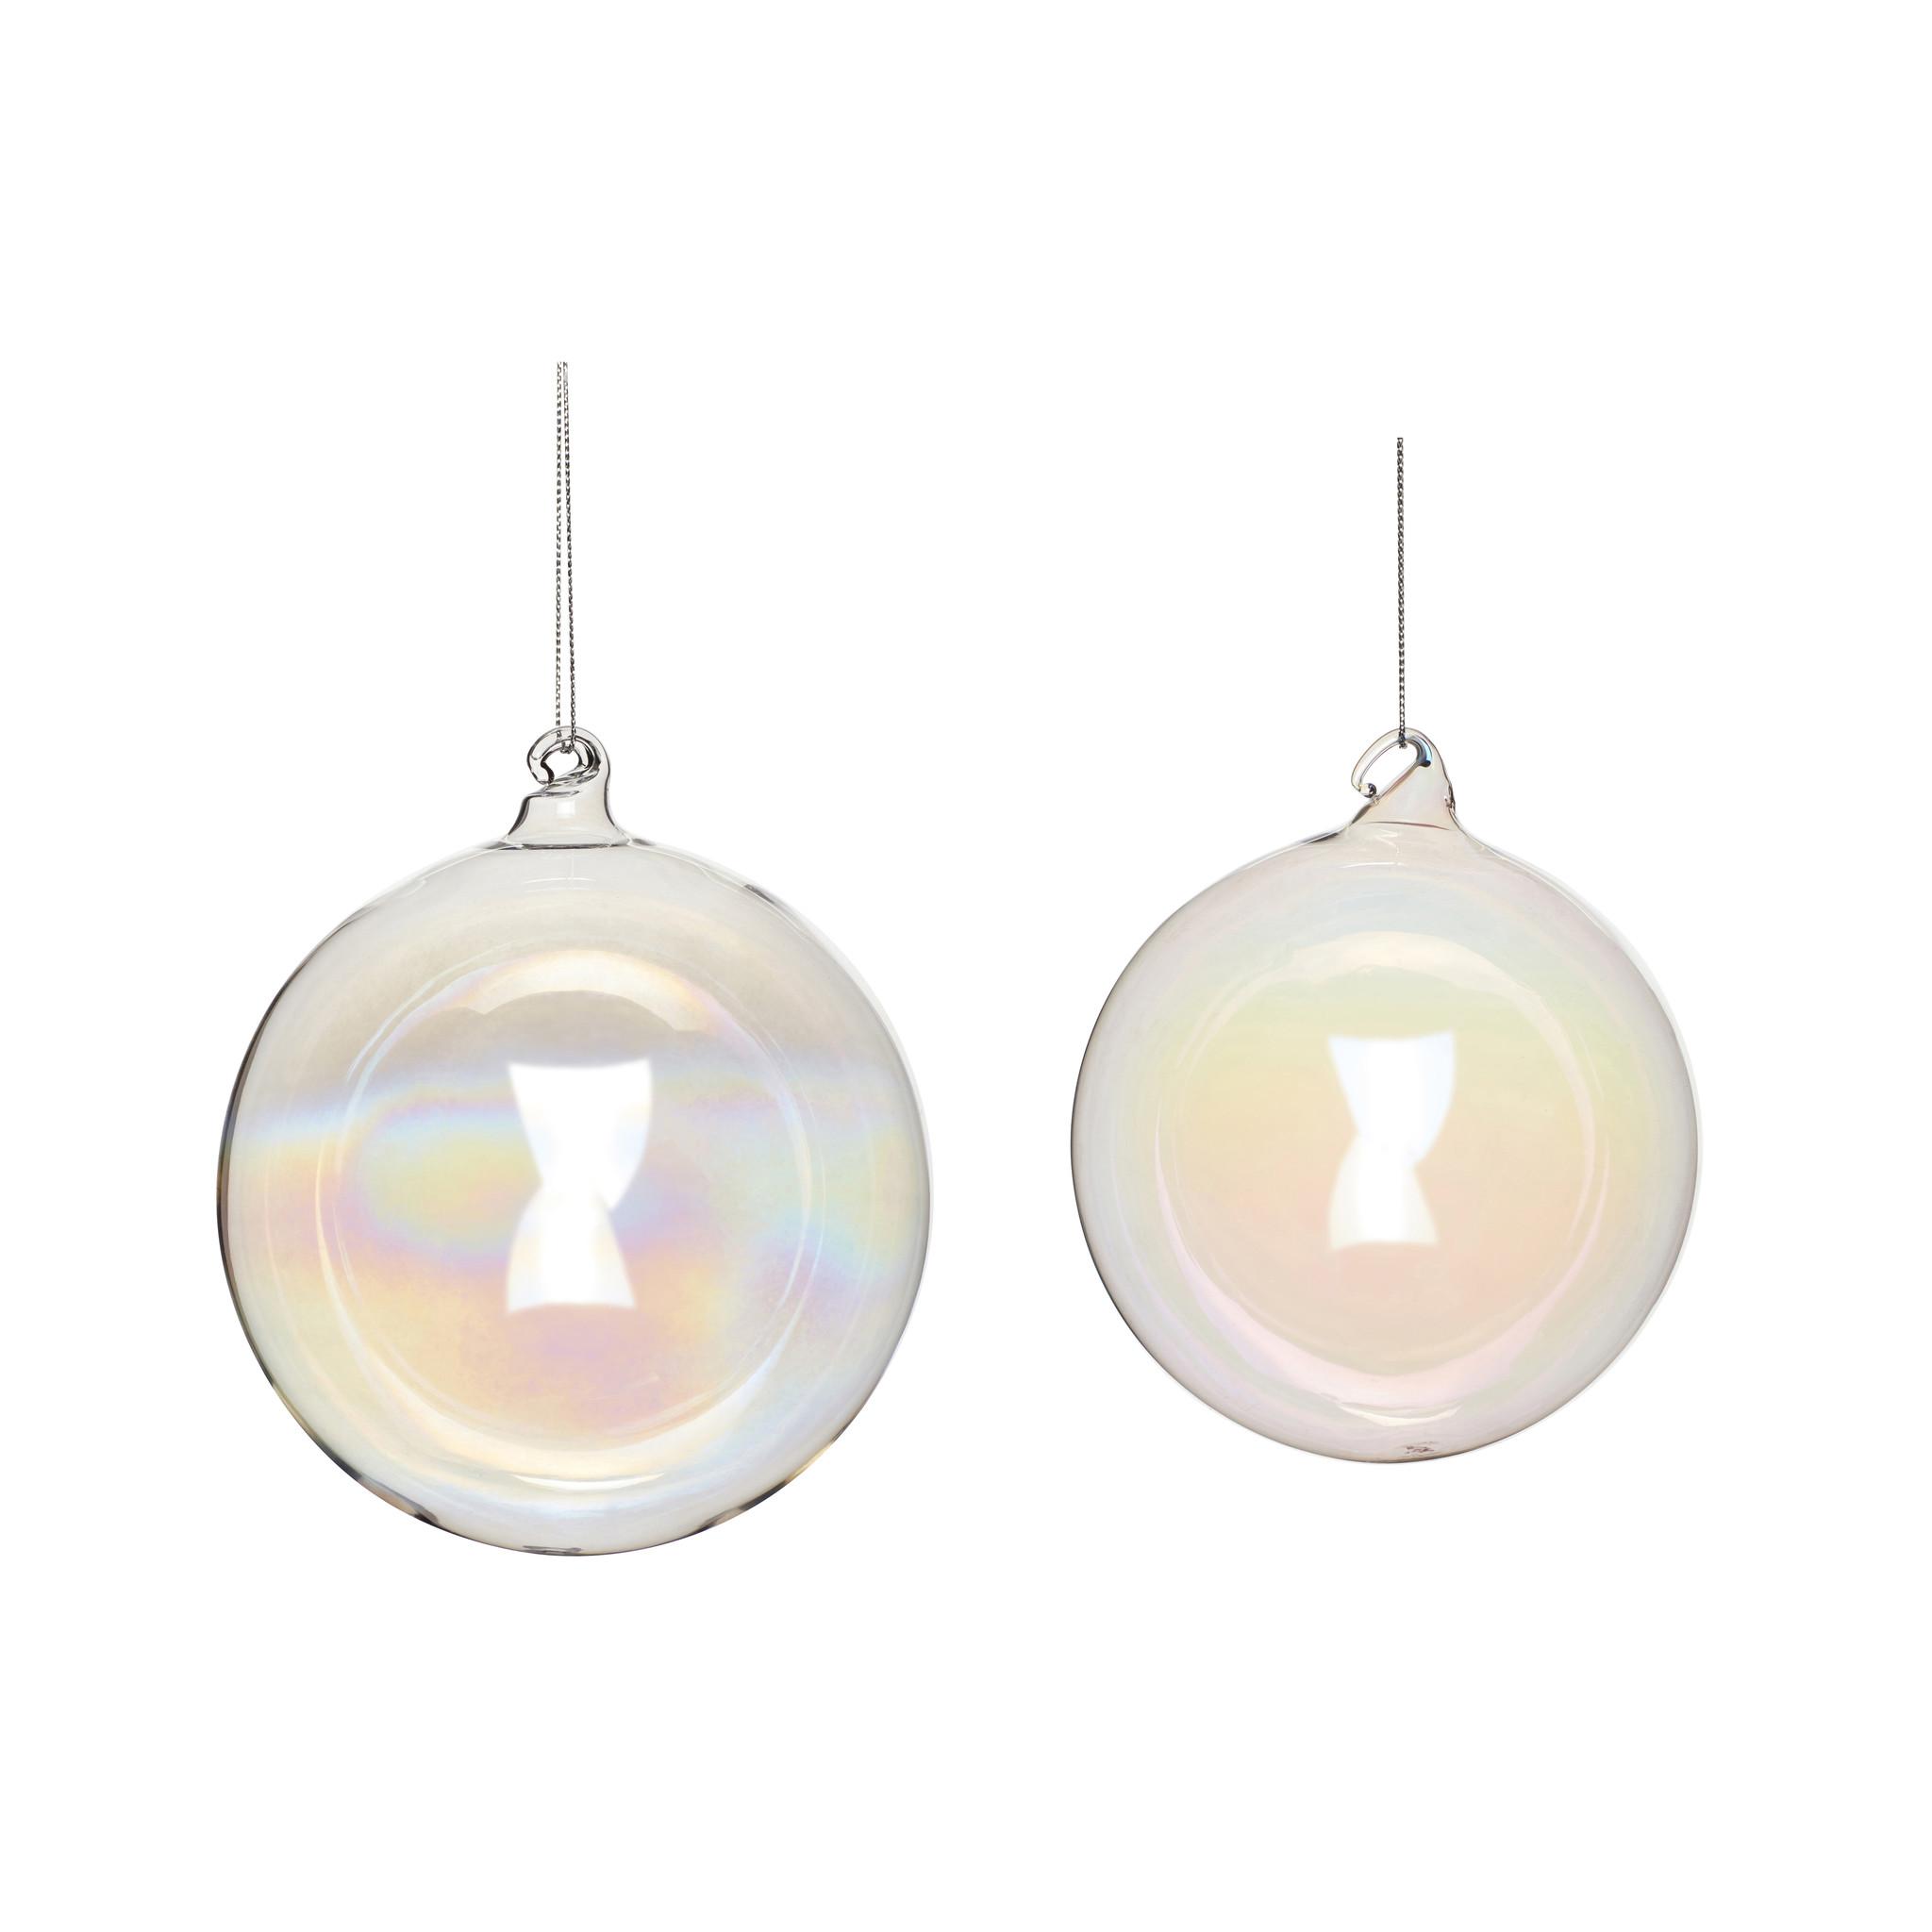 Hubsch Kerstbal, glas, helder, set van 2